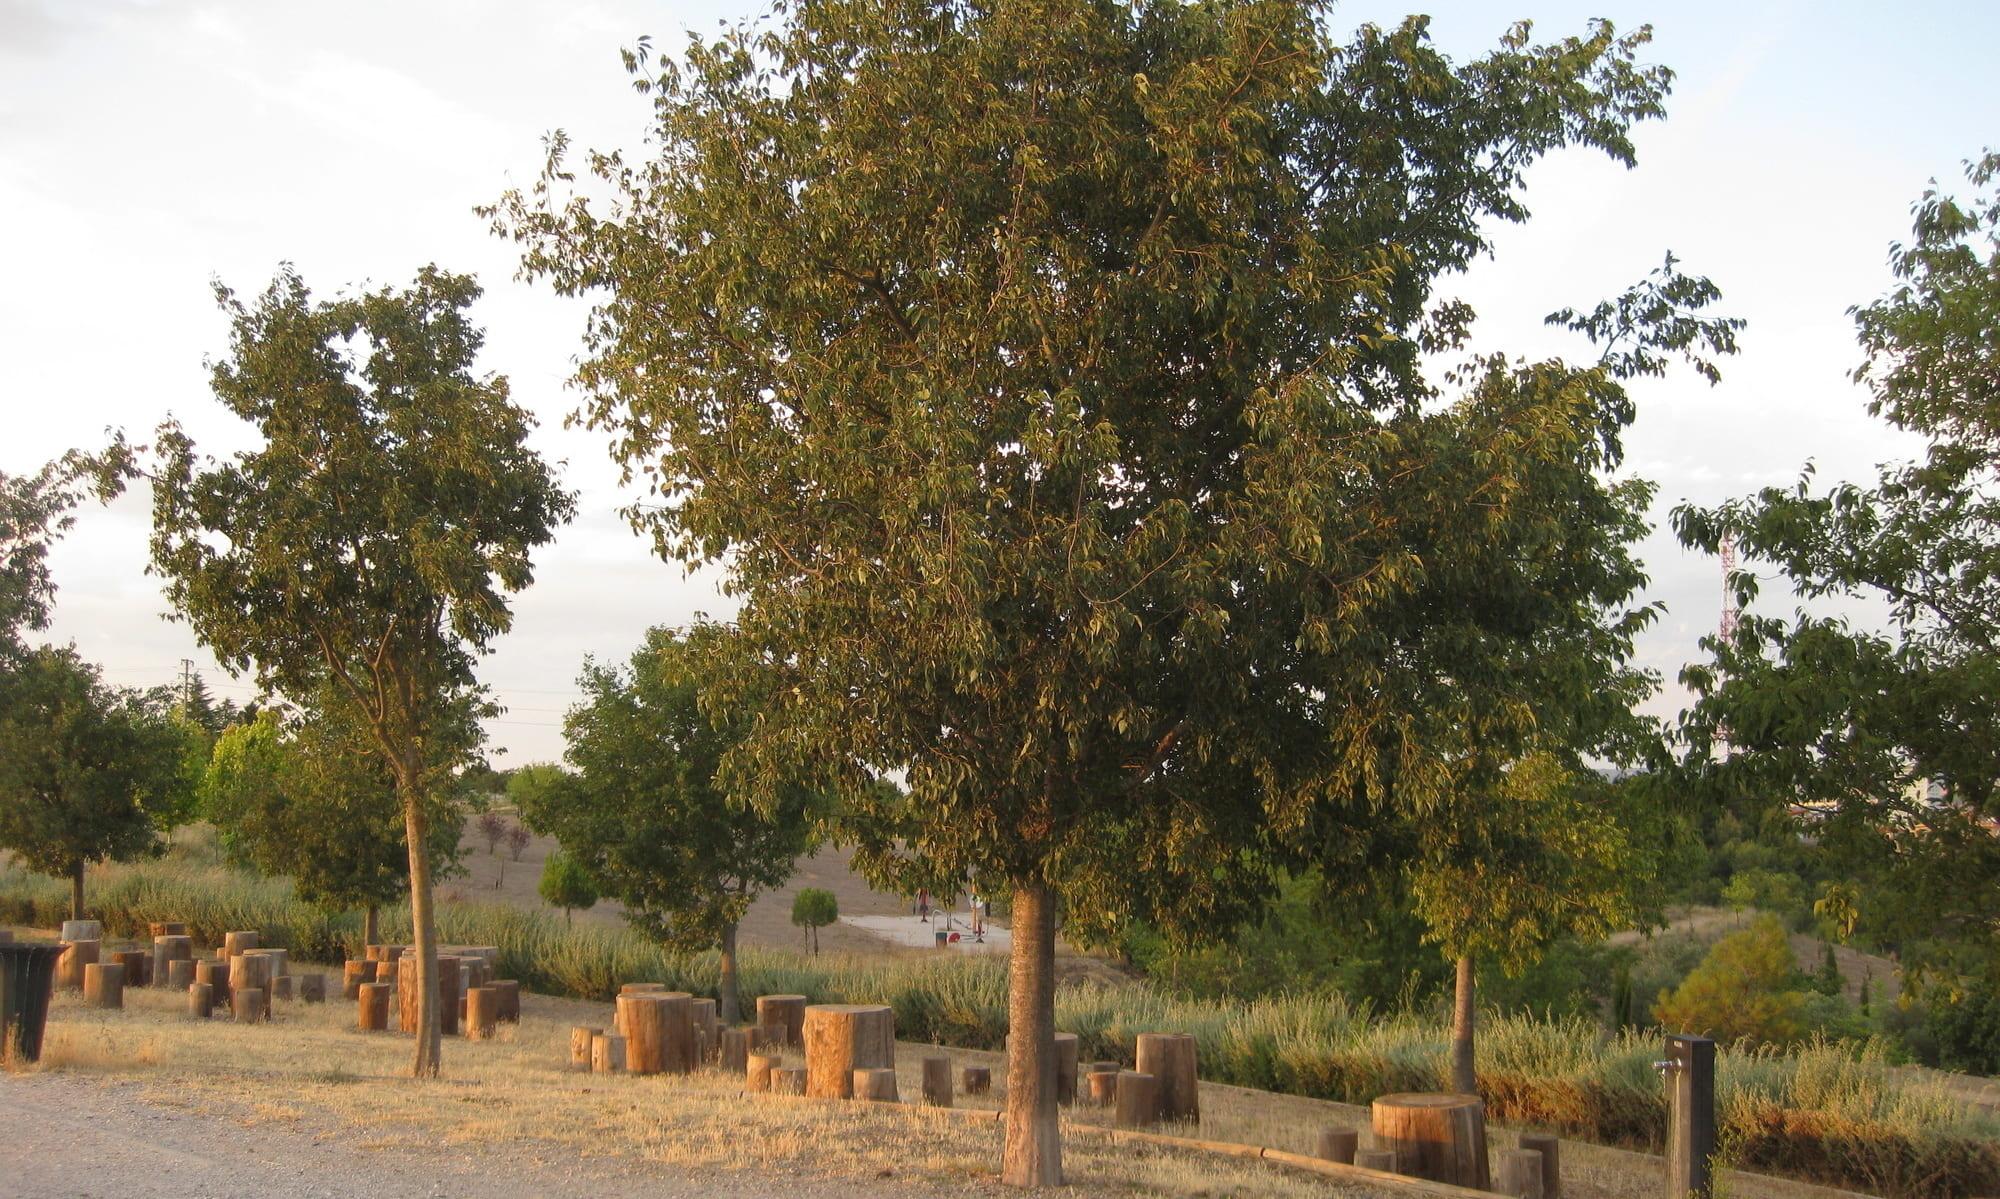 árboles : almez